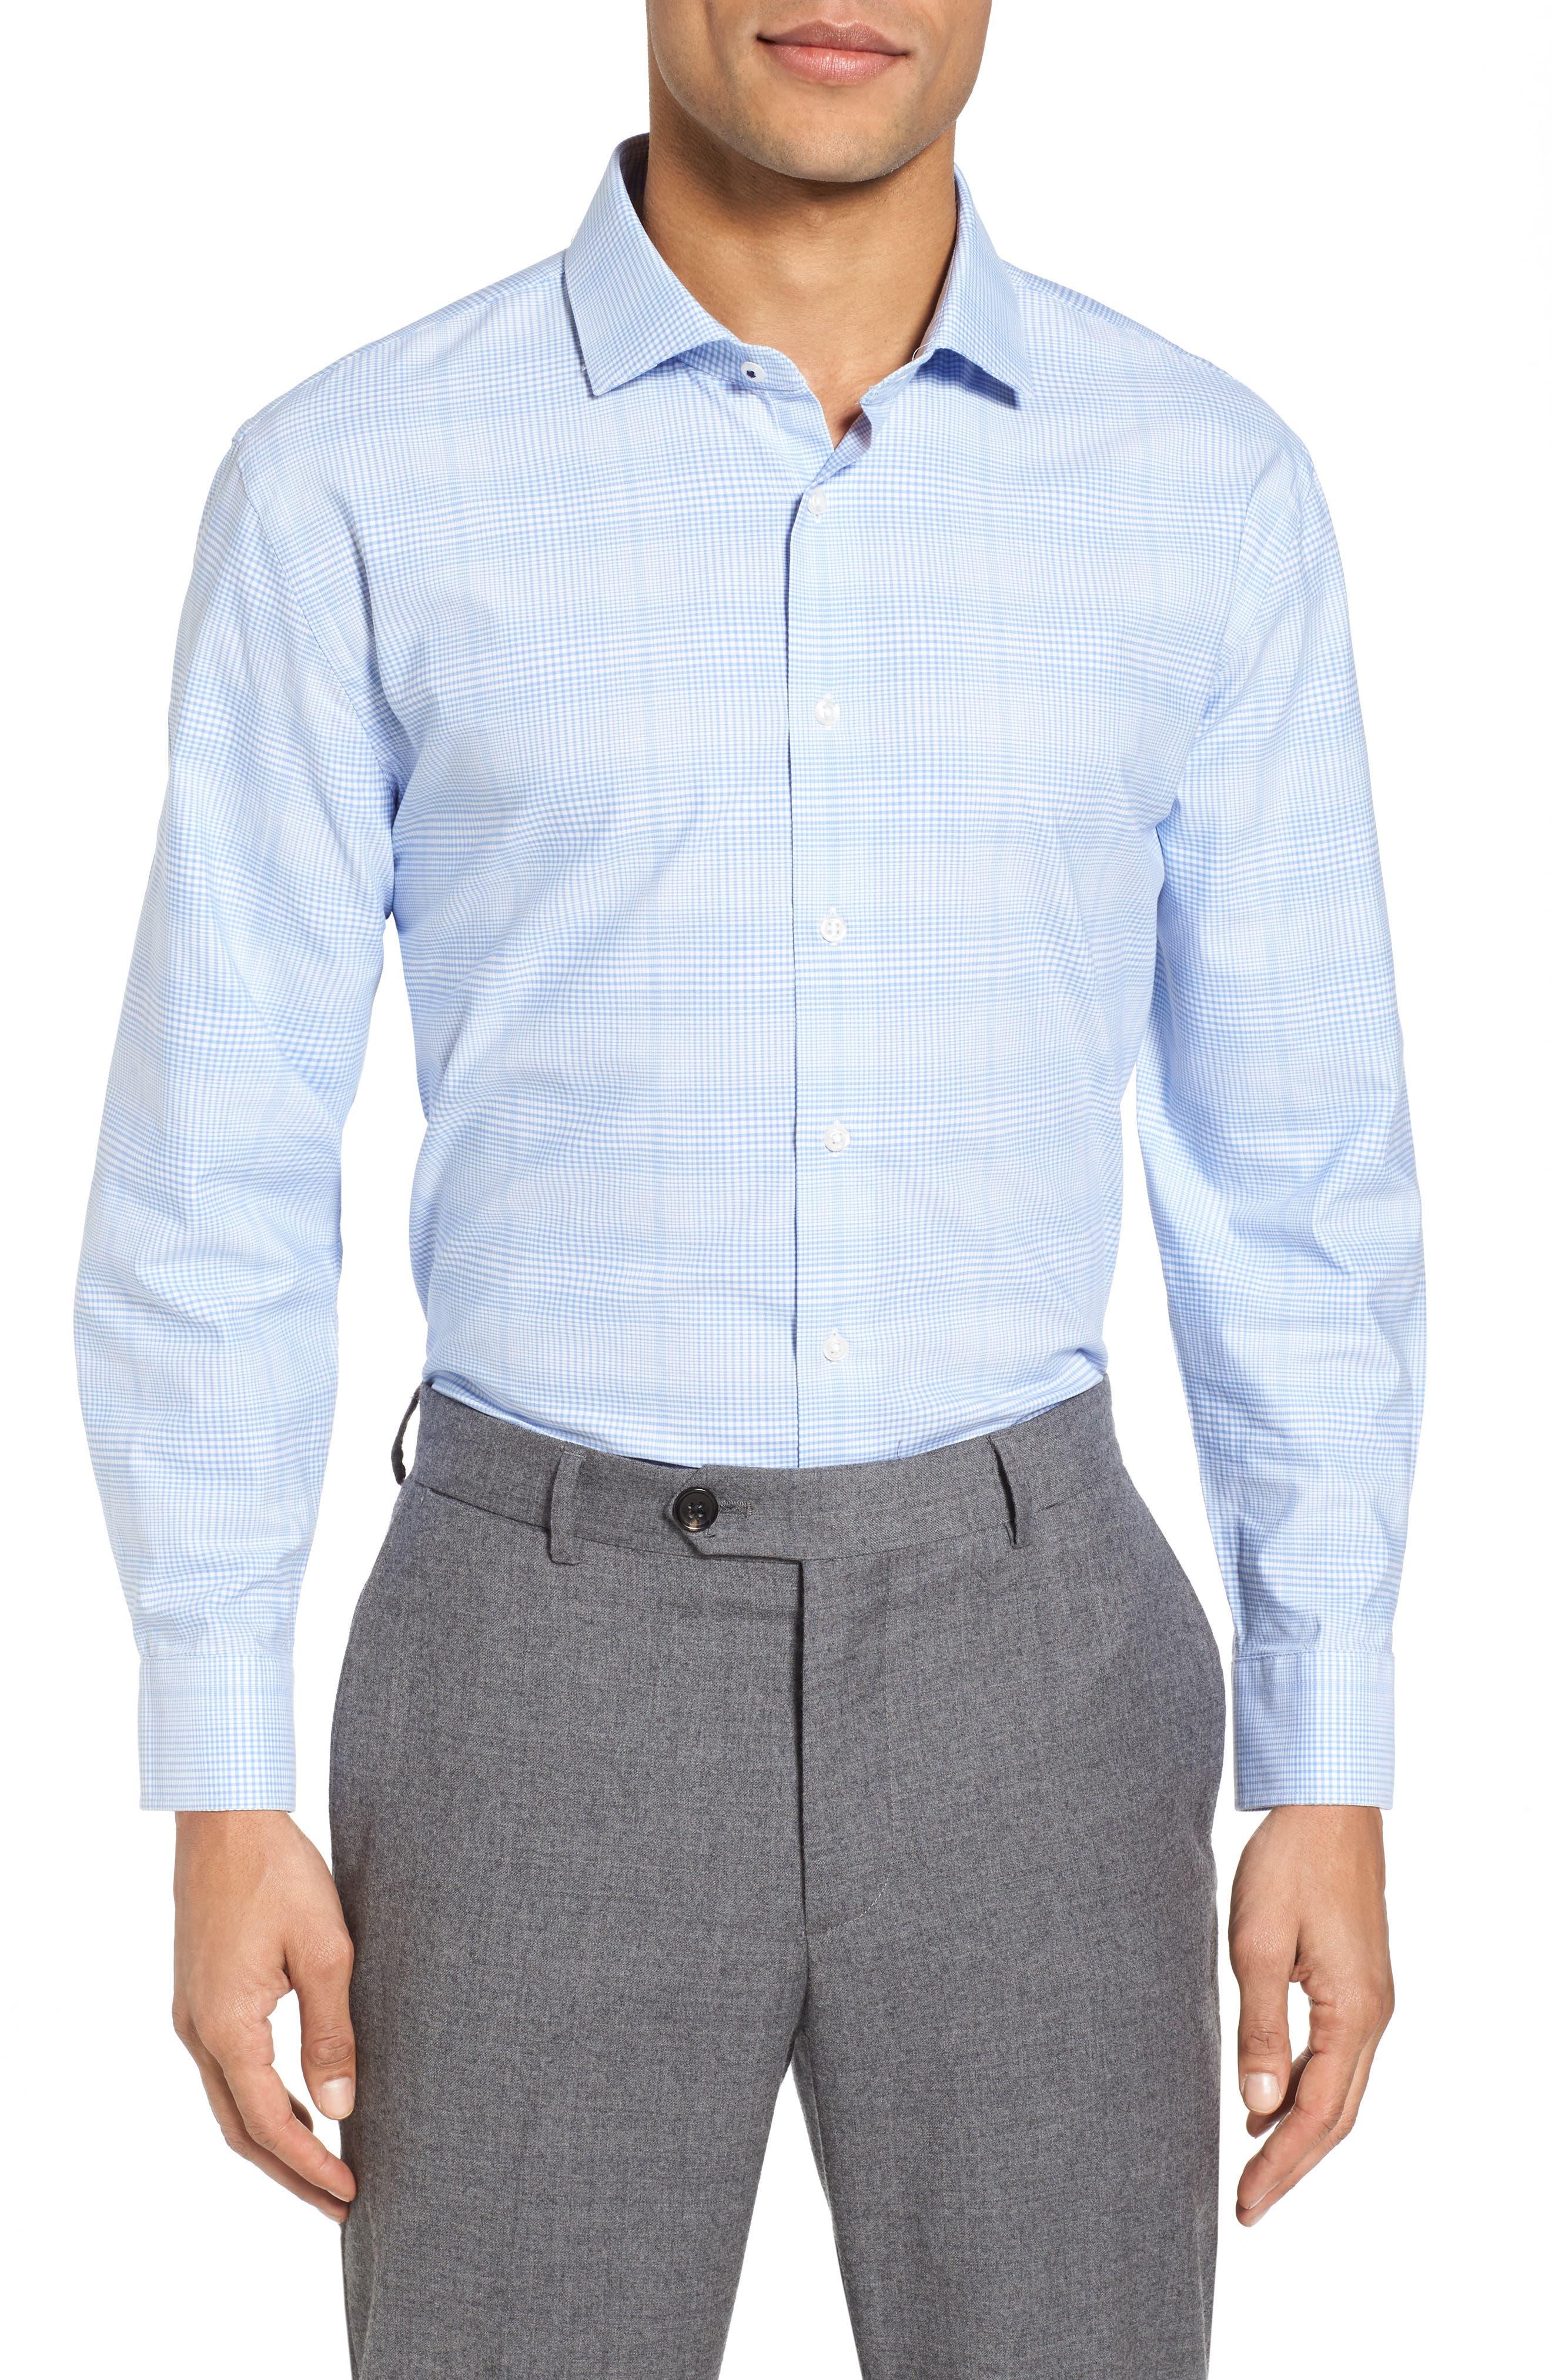 Tech-Smart Trim Fit Stretch Plaid Dress Shirt,                             Main thumbnail 1, color,                             Blue Hydrangea